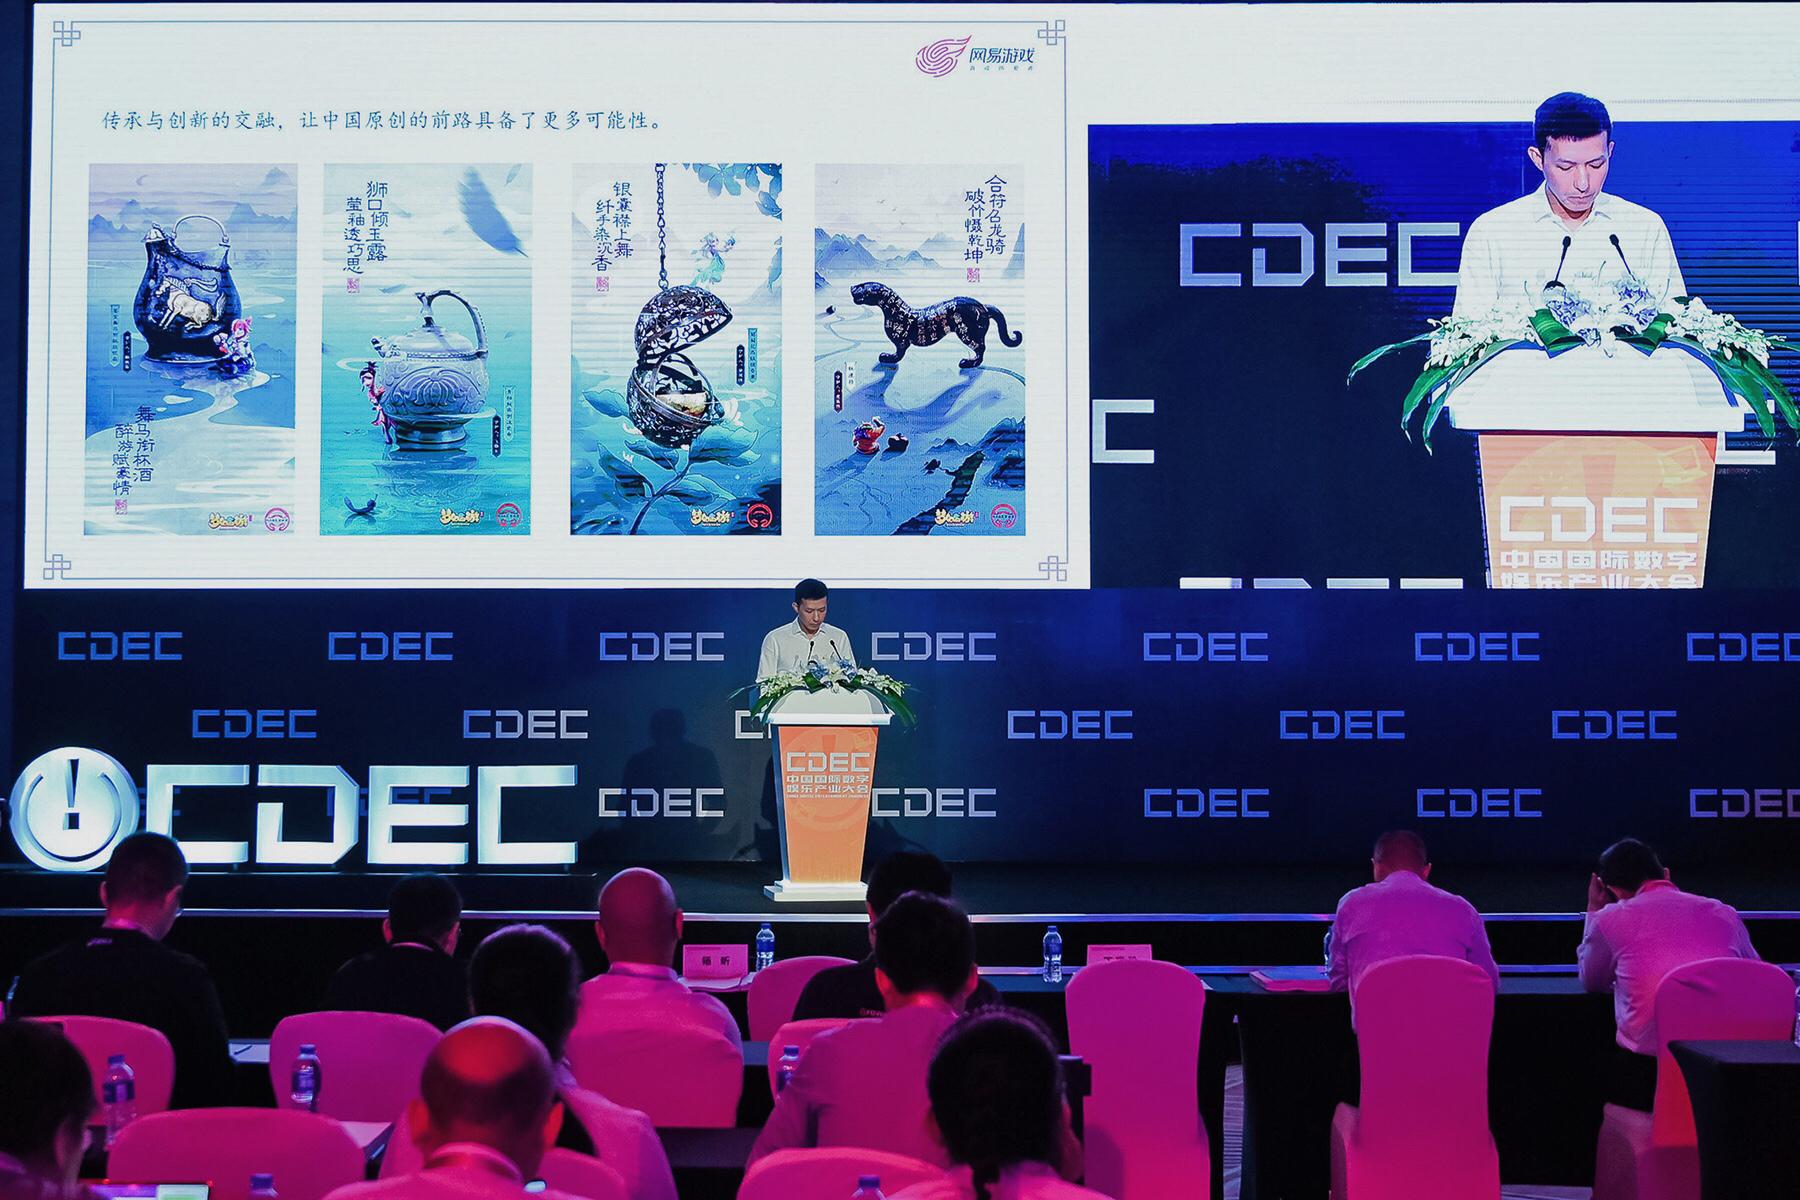 网易副总裁王怡:创造中国流行,文化自信激活内驱价值